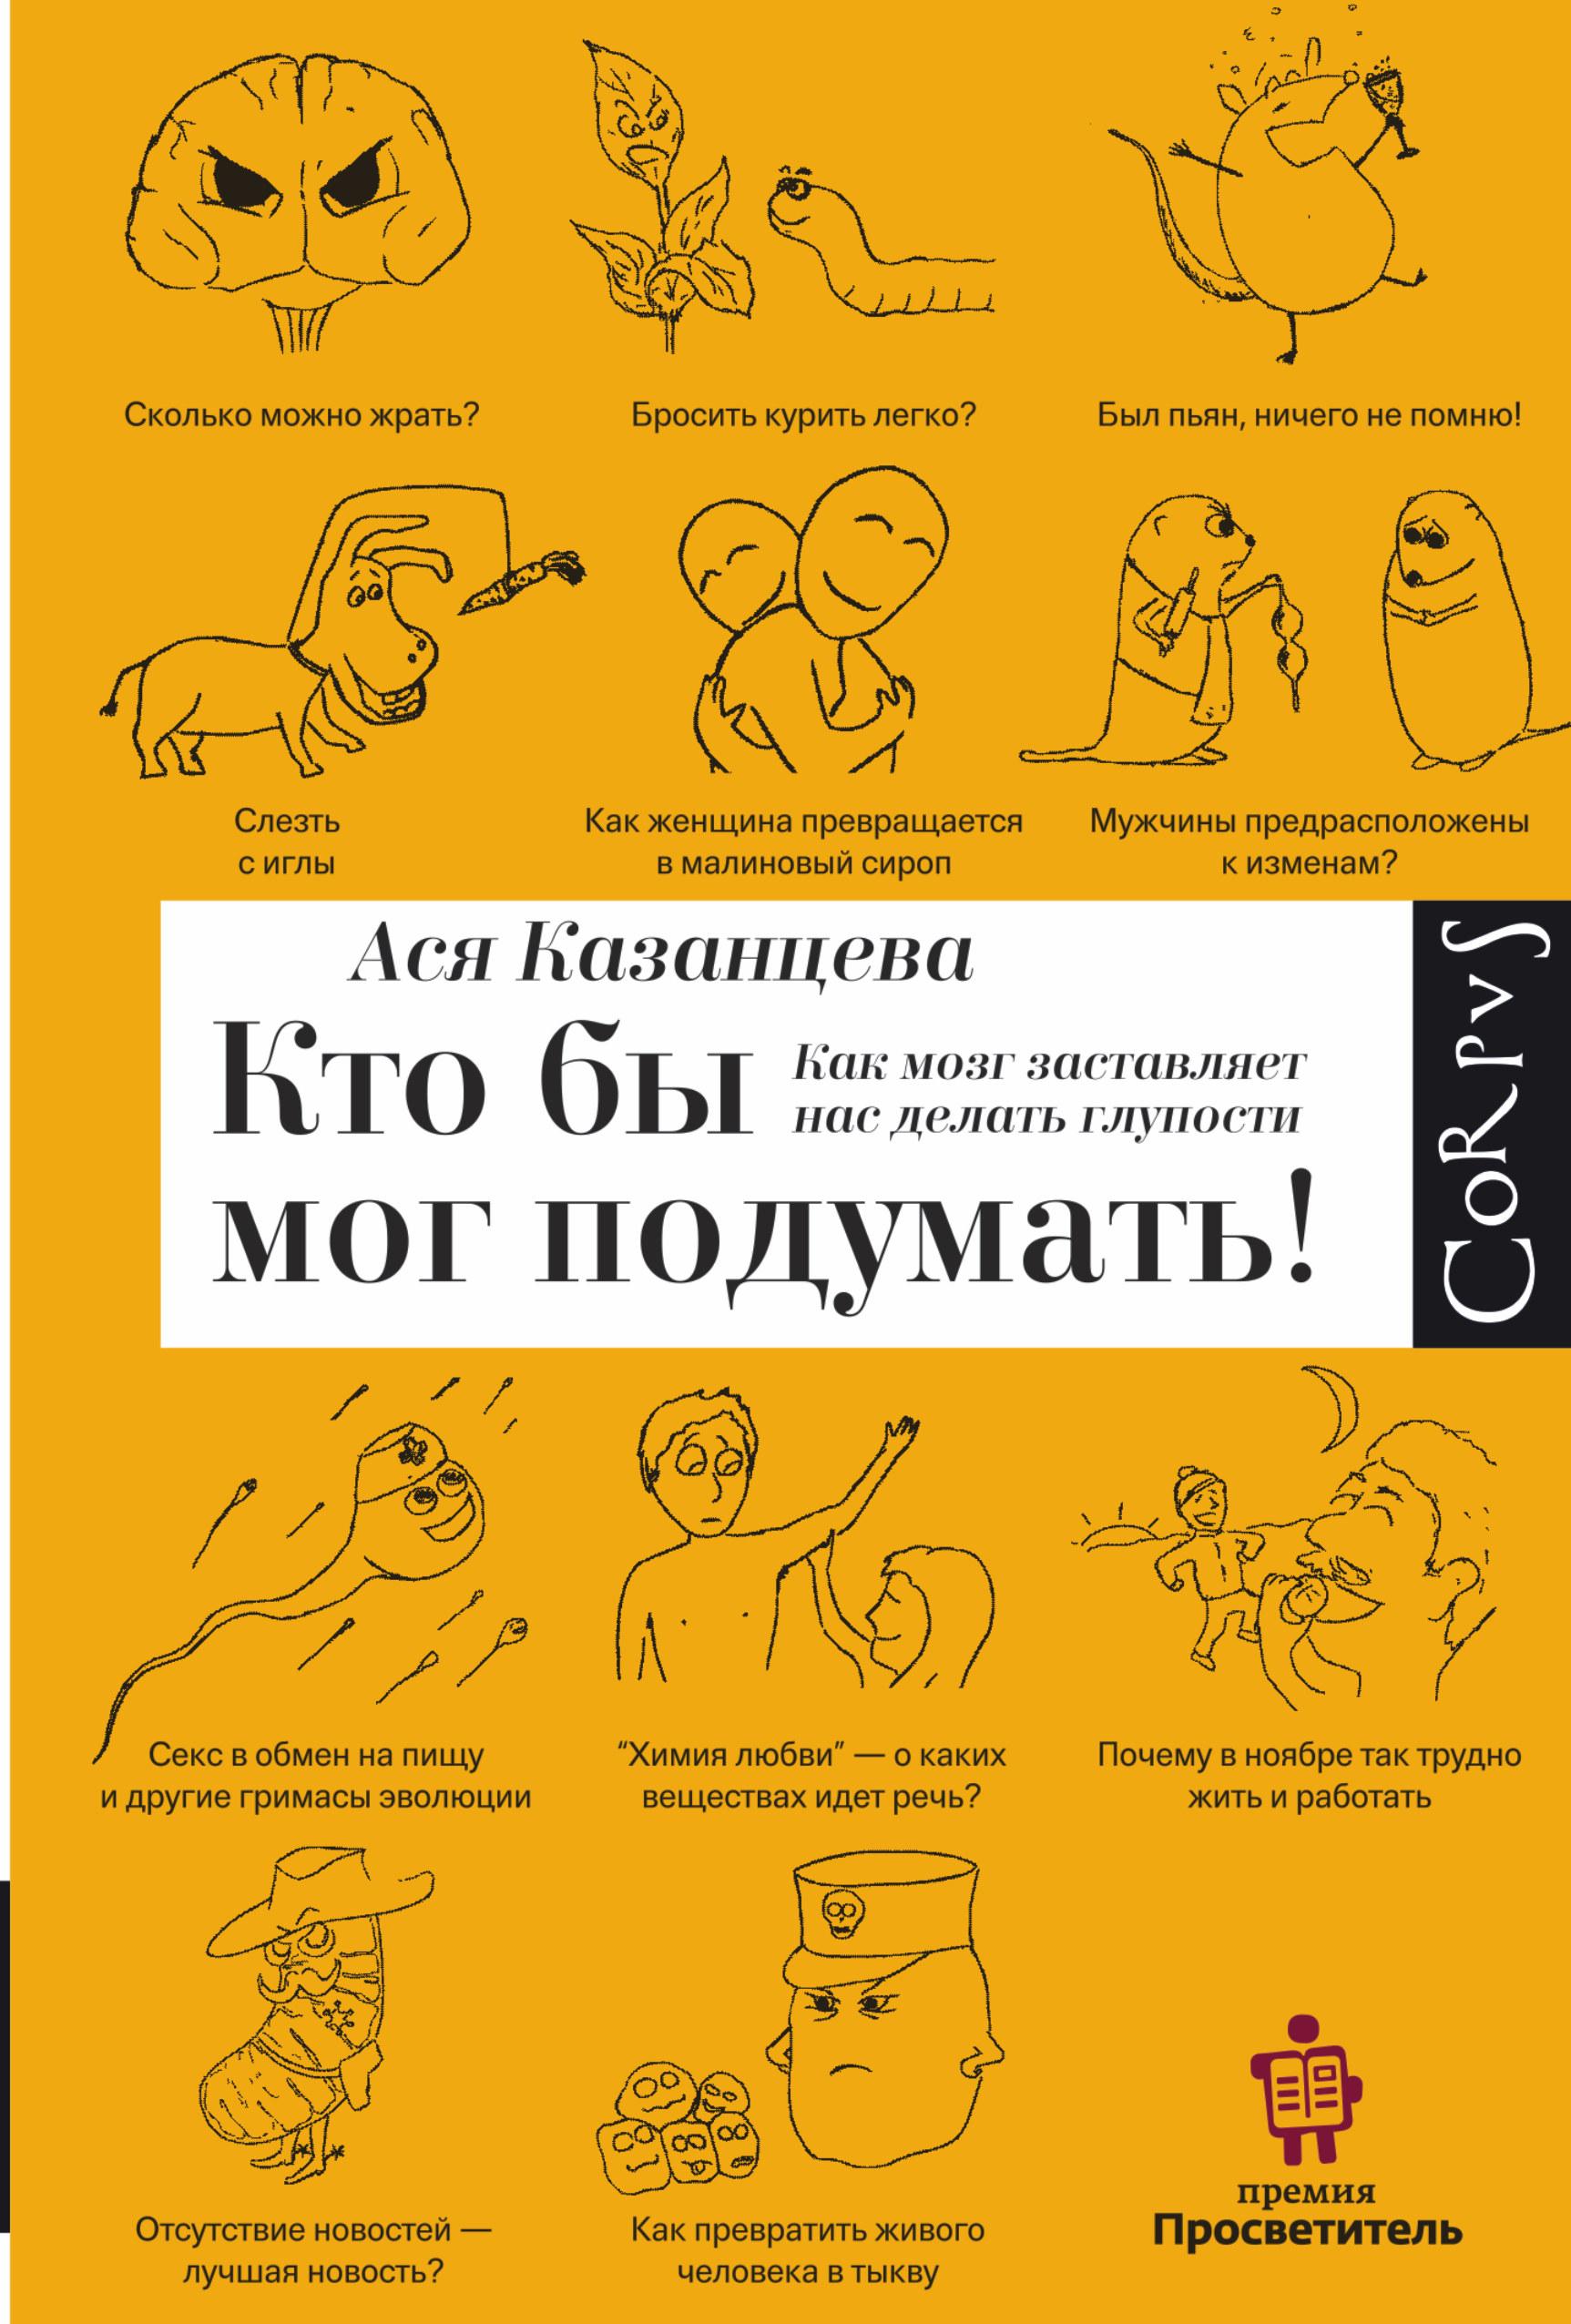 Анастасия Казанцева Кто бы мог подумать! Как мозг заставляет нас делать глупости